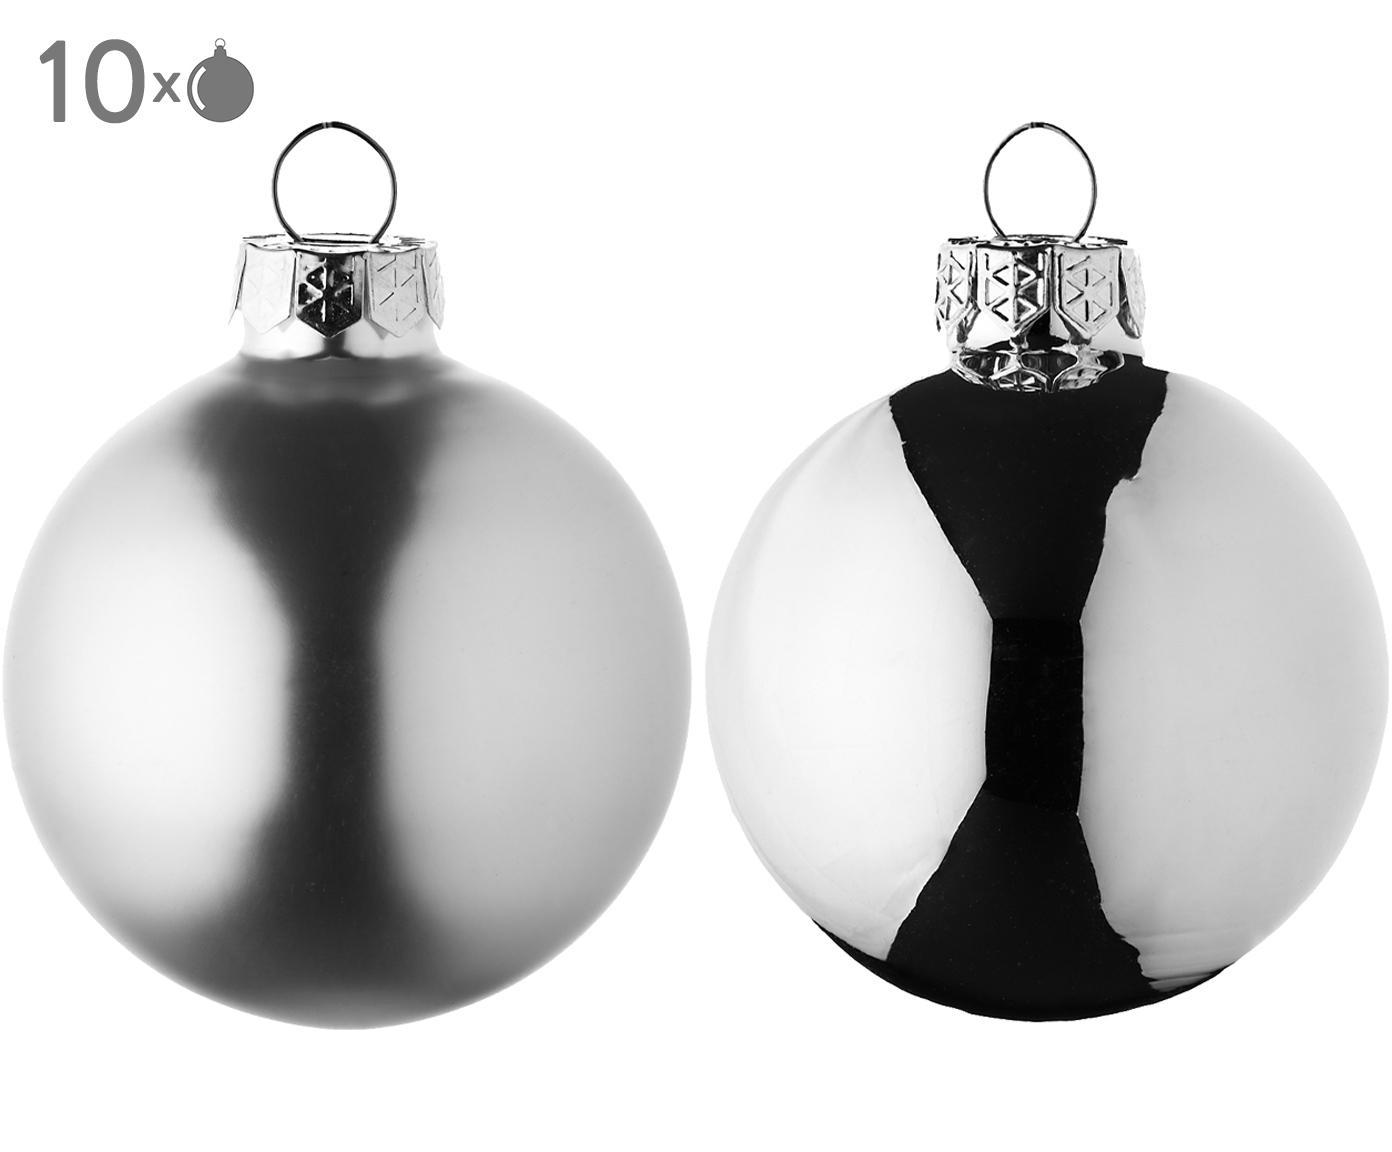 Kerstballenset Evergreen, 10-delig, Zilverkleurig, Ø 6 cm